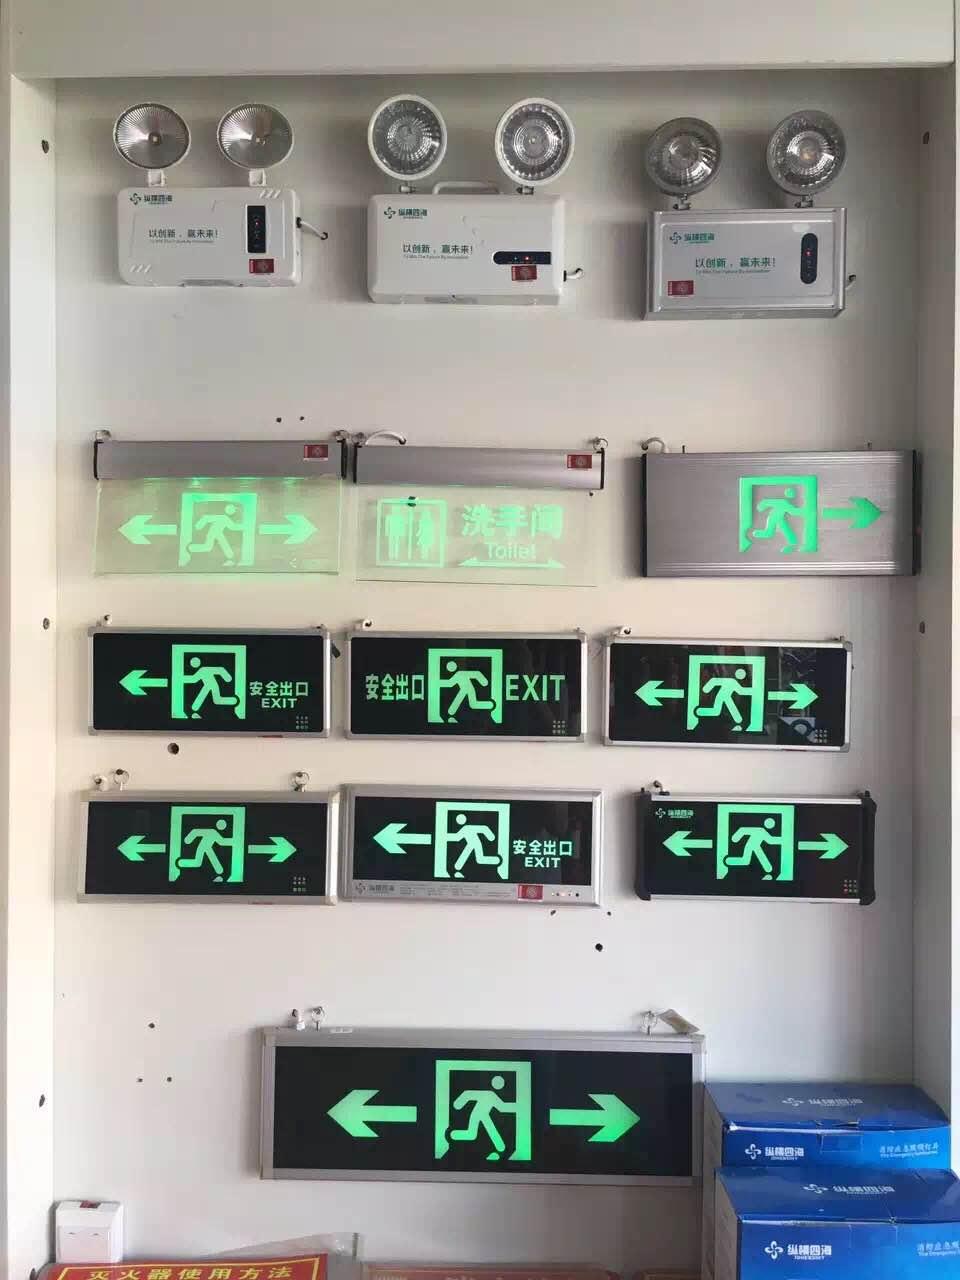 贵州消防设备  贵州消防设备消防器材 贵州消防设备维修 贵州消防设备保养